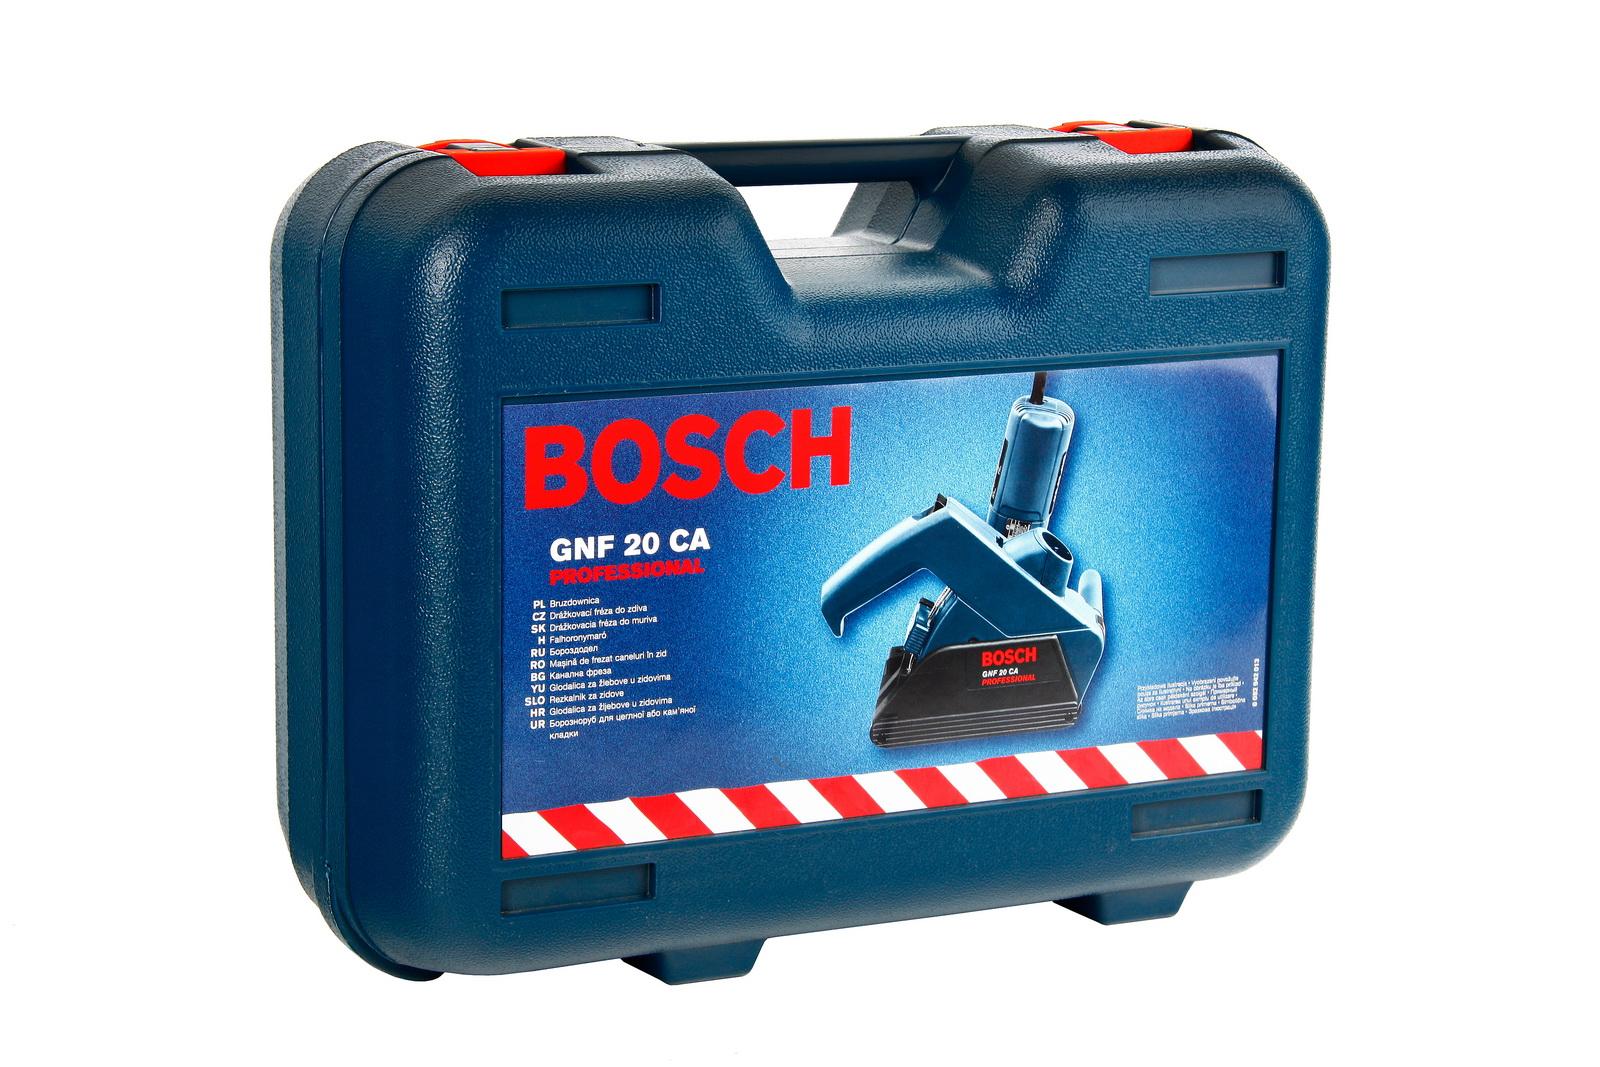 Штроборез Bosch Gnf 20 ca (0.601.612.508)